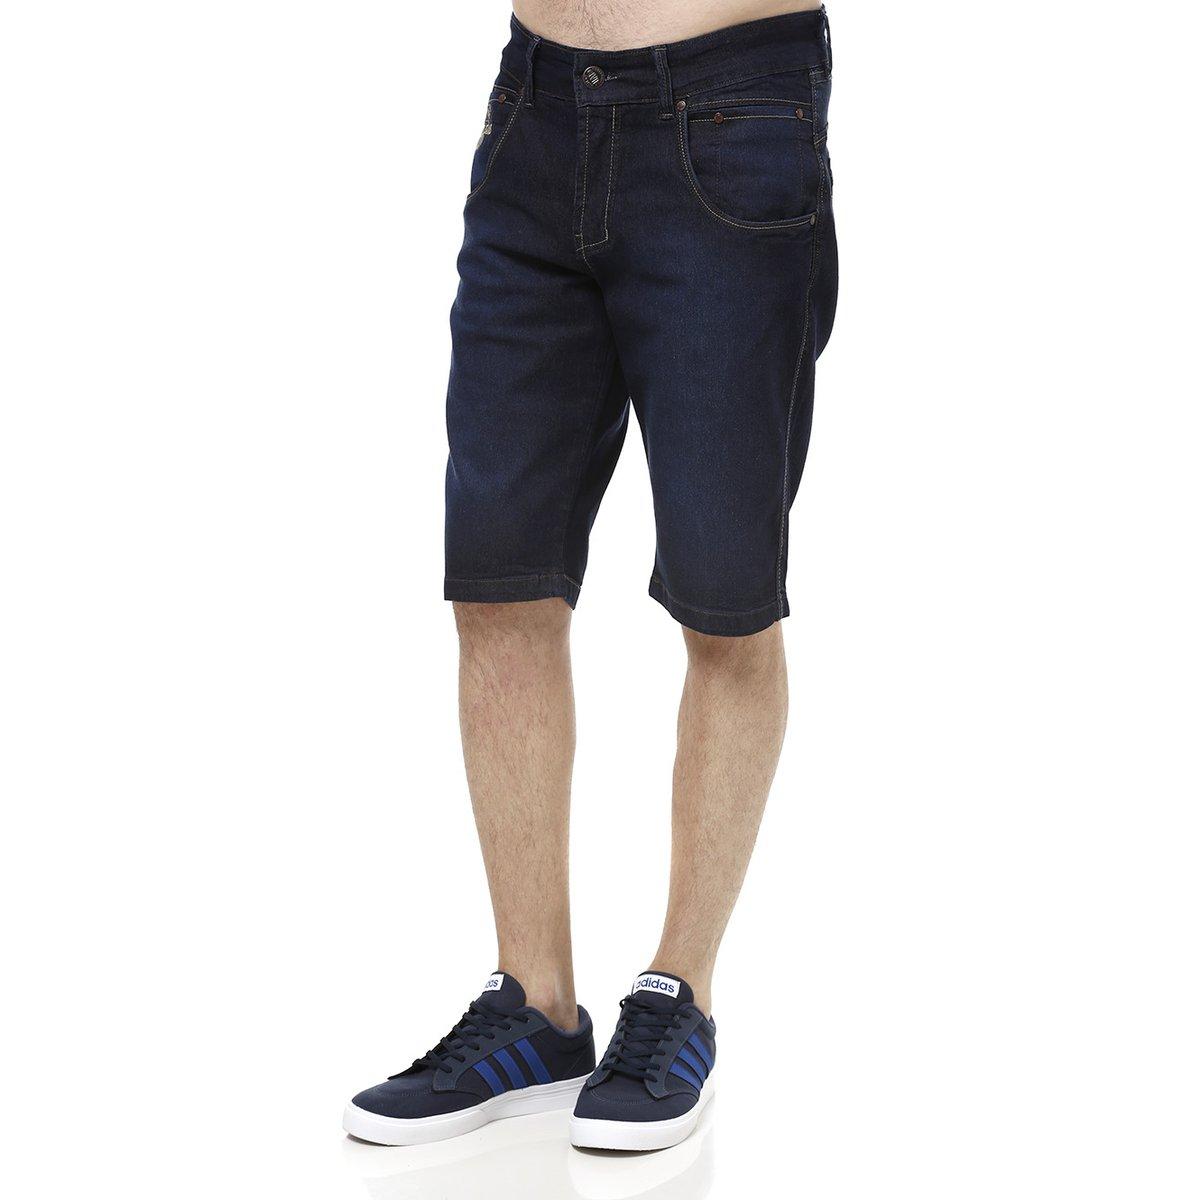 Bermuda Bivik Jeans - Compre Agora  7a37855592b